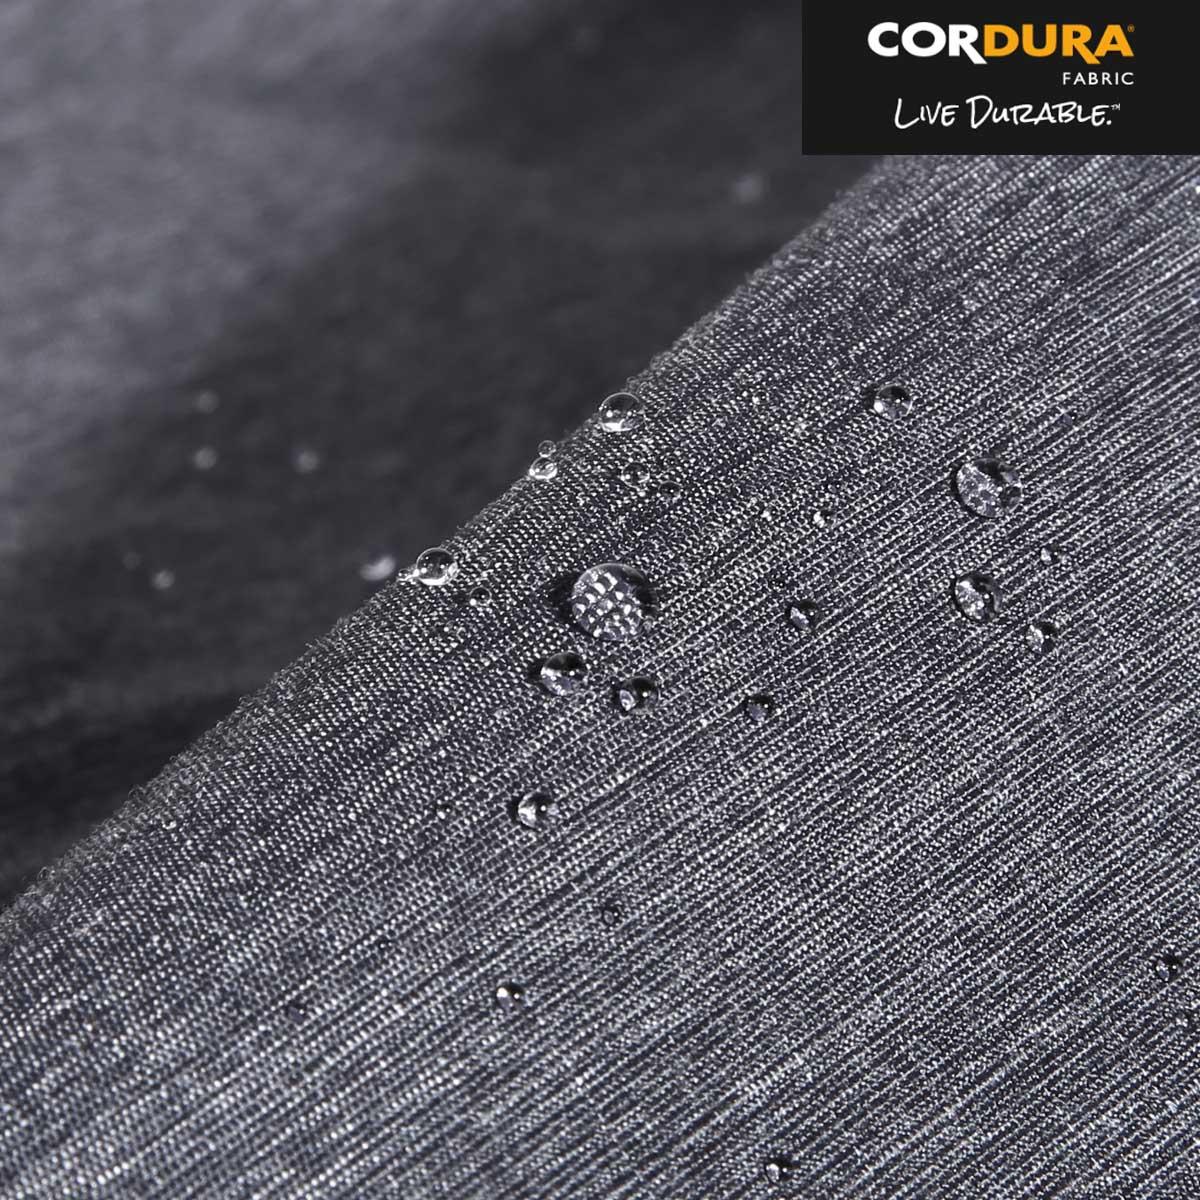 Lightweight, water-resistant 300D Cordura® ripstop exterior.